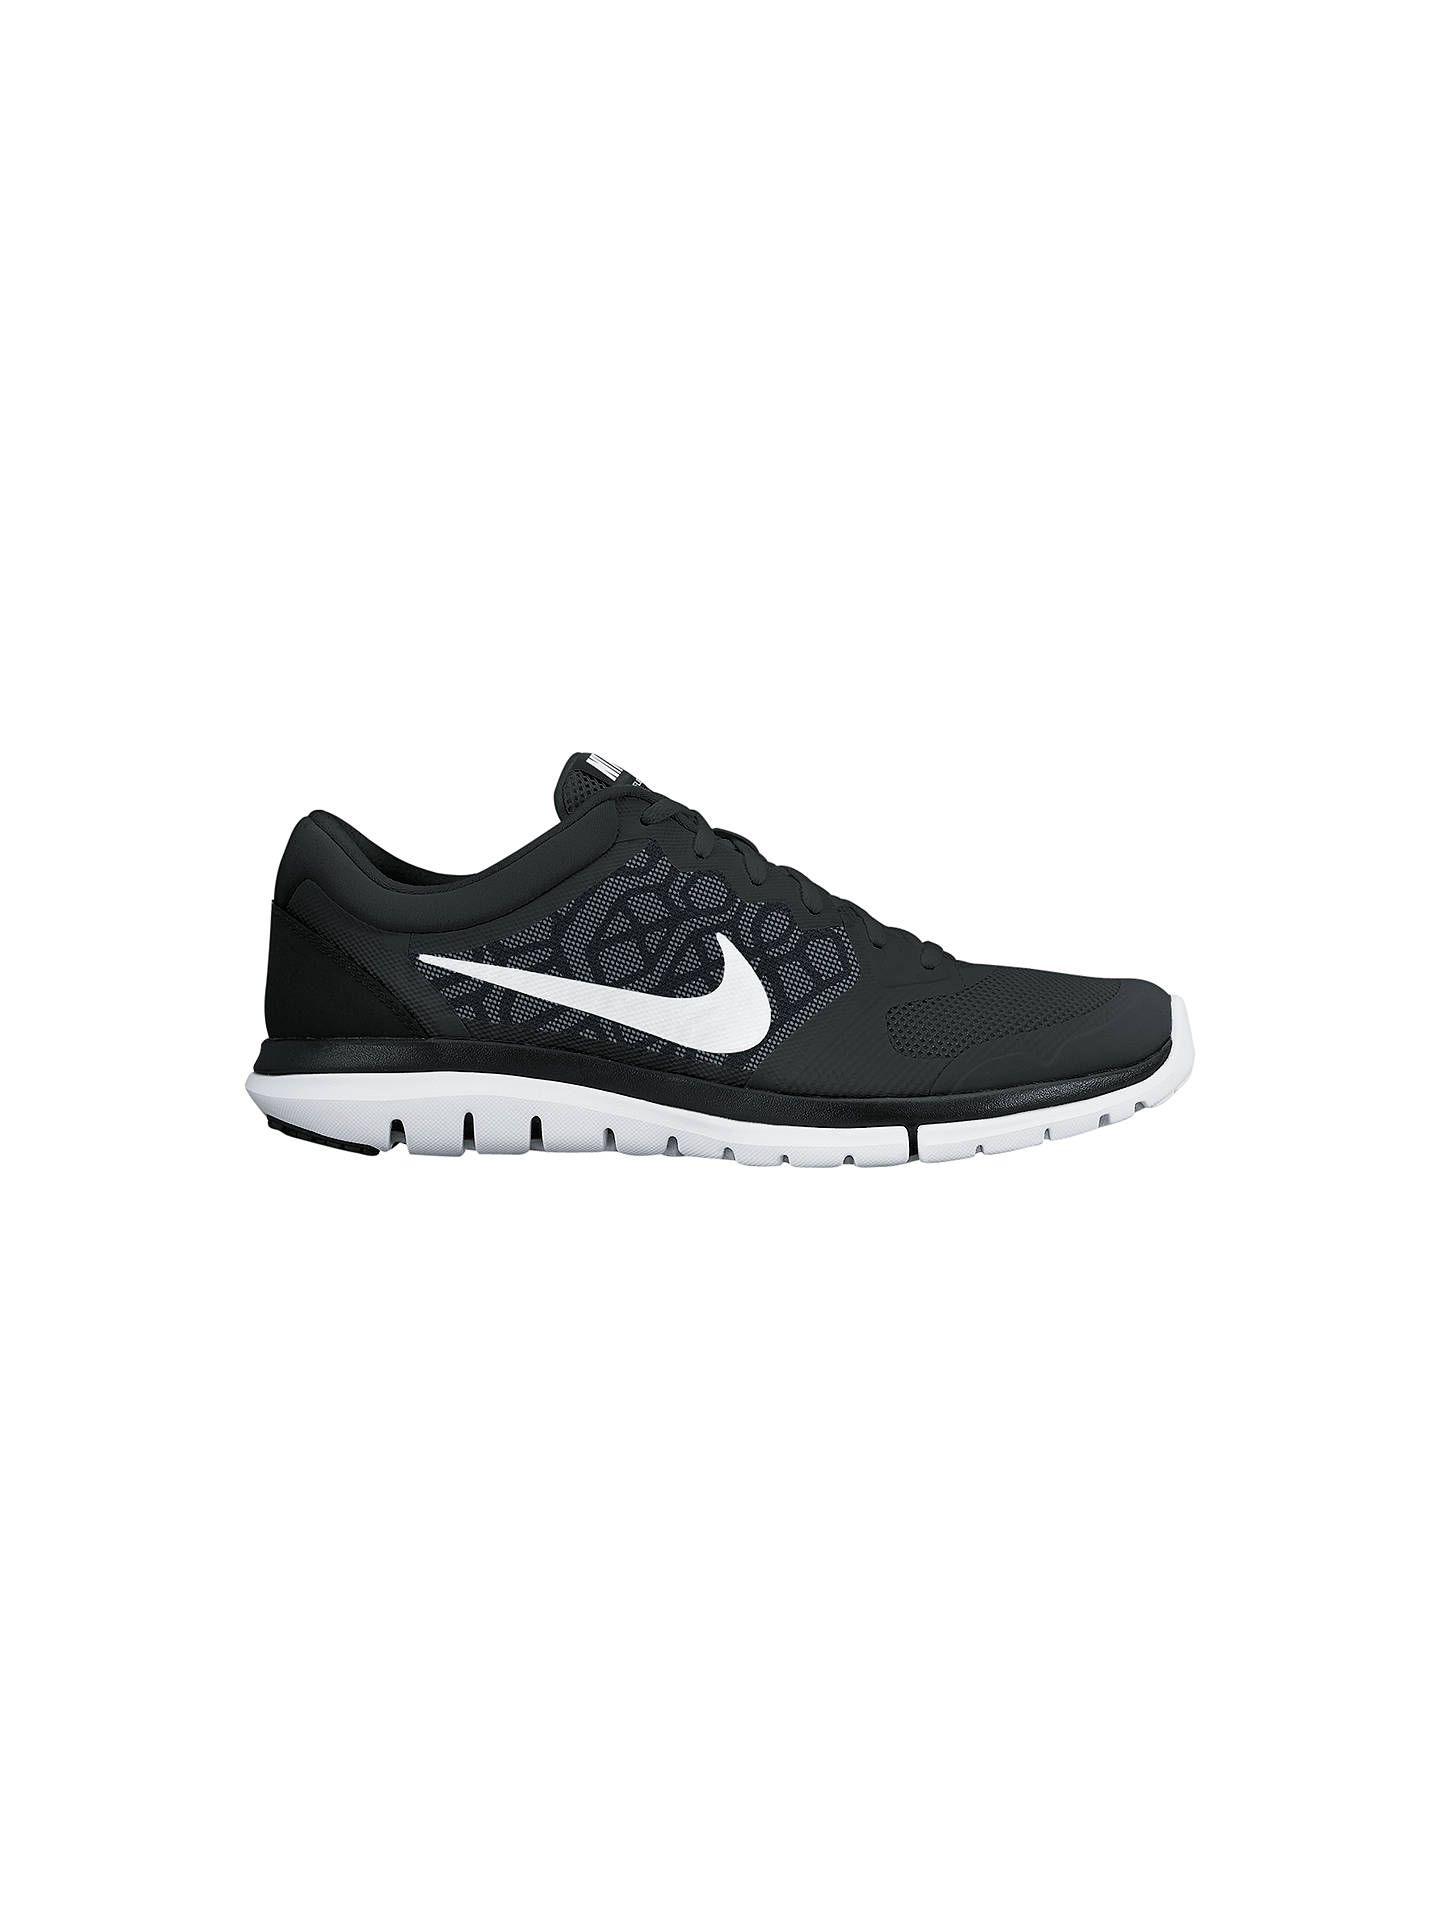 f924b54ca3813 Buy Nike Flex Run 2015 Men s Running Shoes